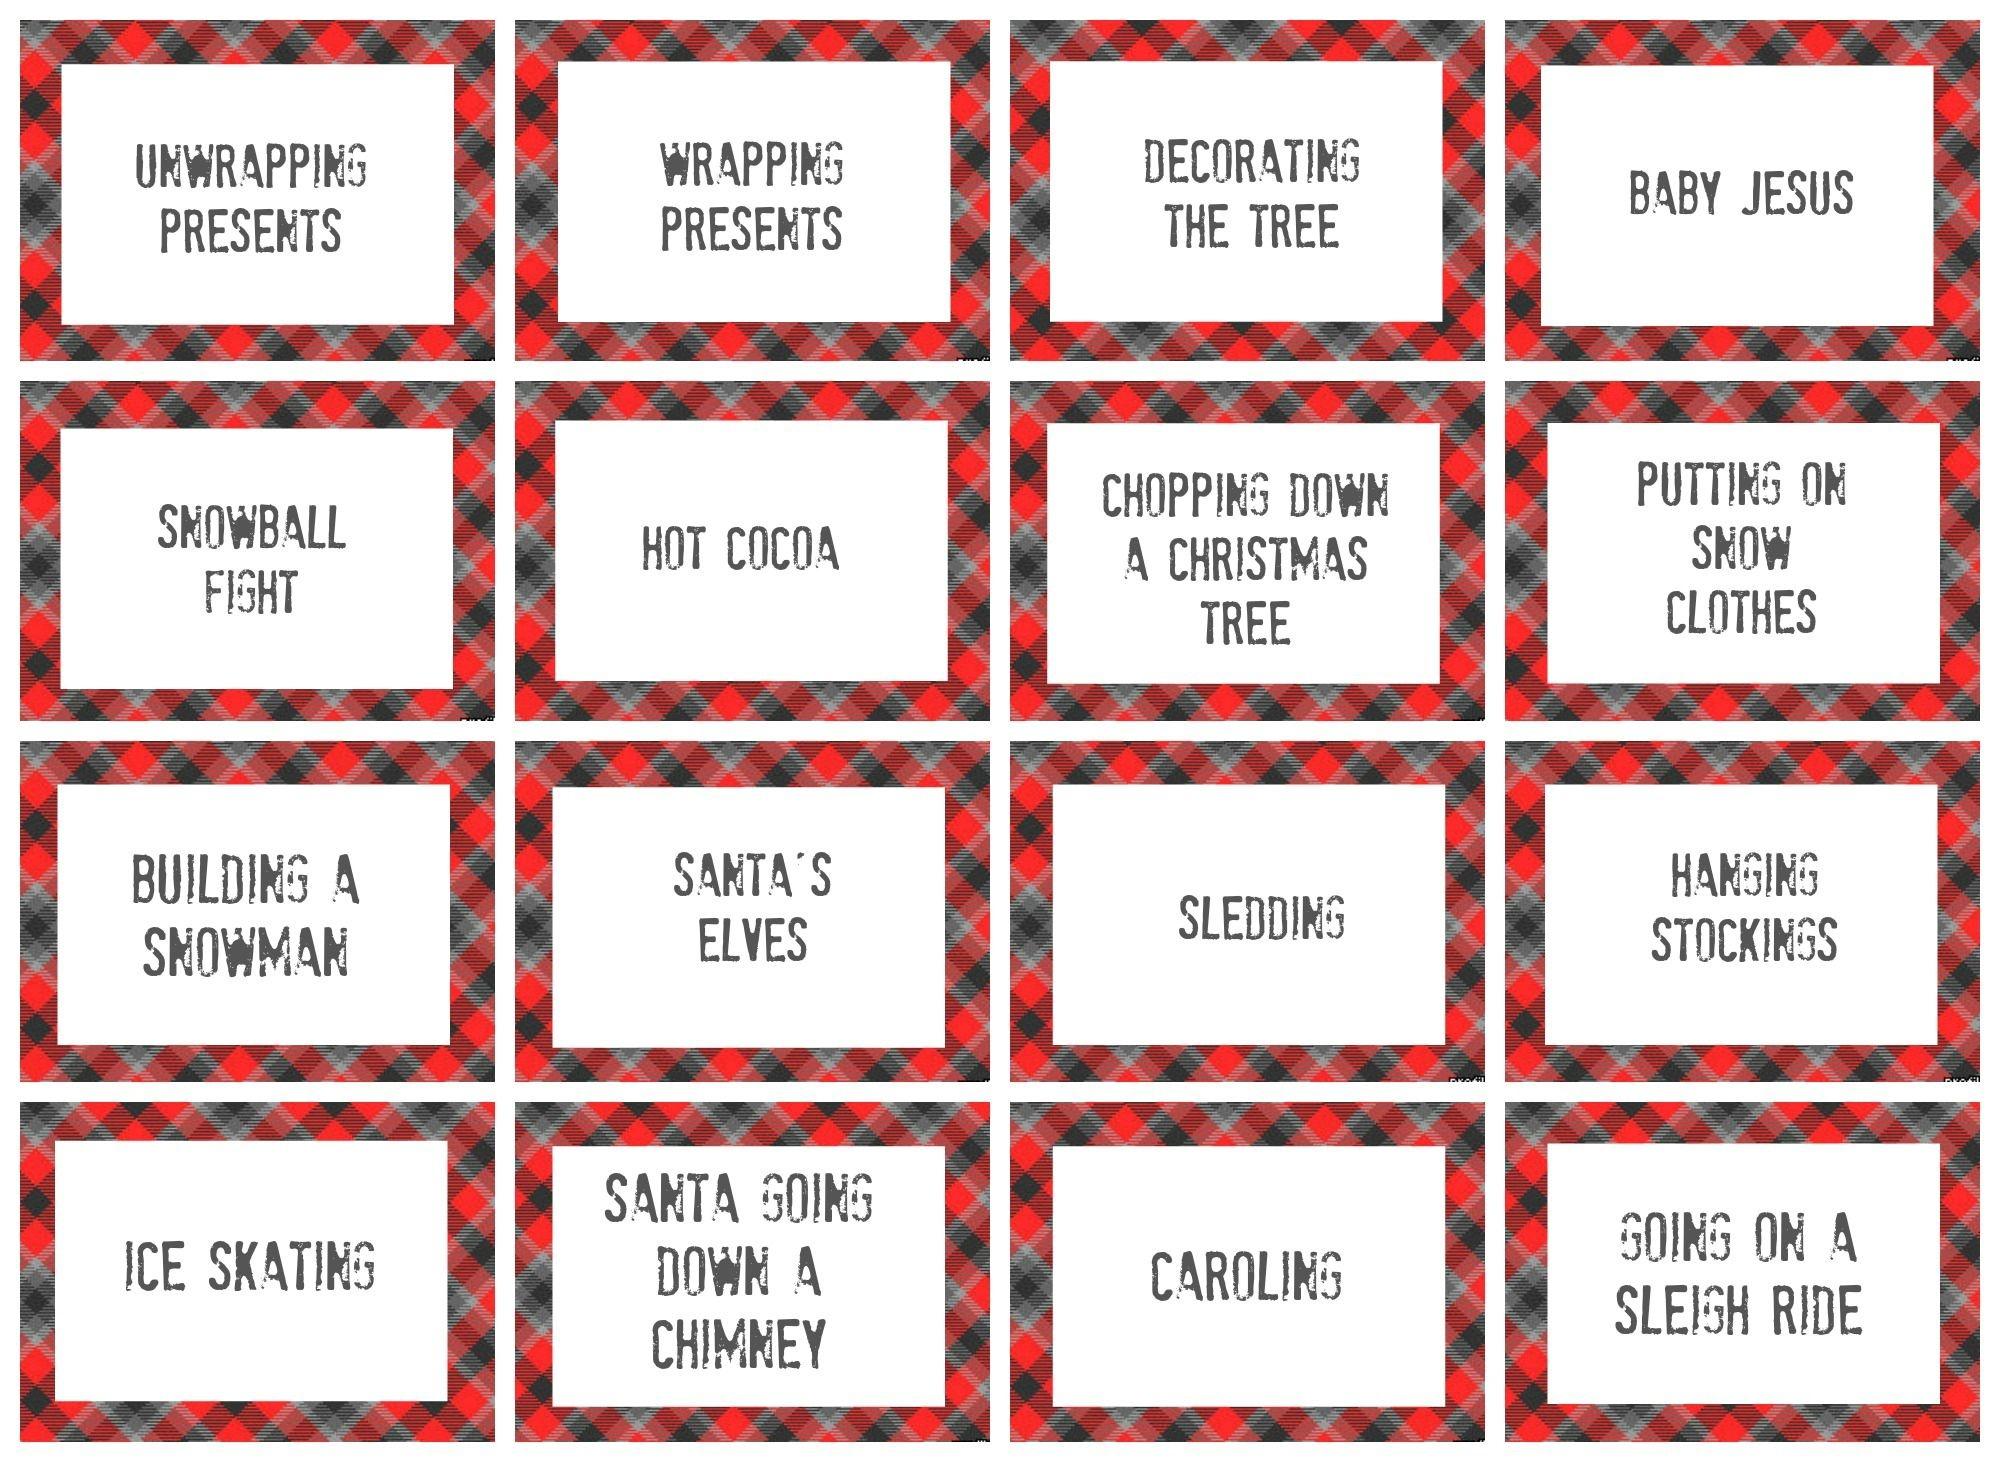 Christmas Charades Game And Free Printable Roundup! | Holidays - Free Printable Christmas Pictionary Words